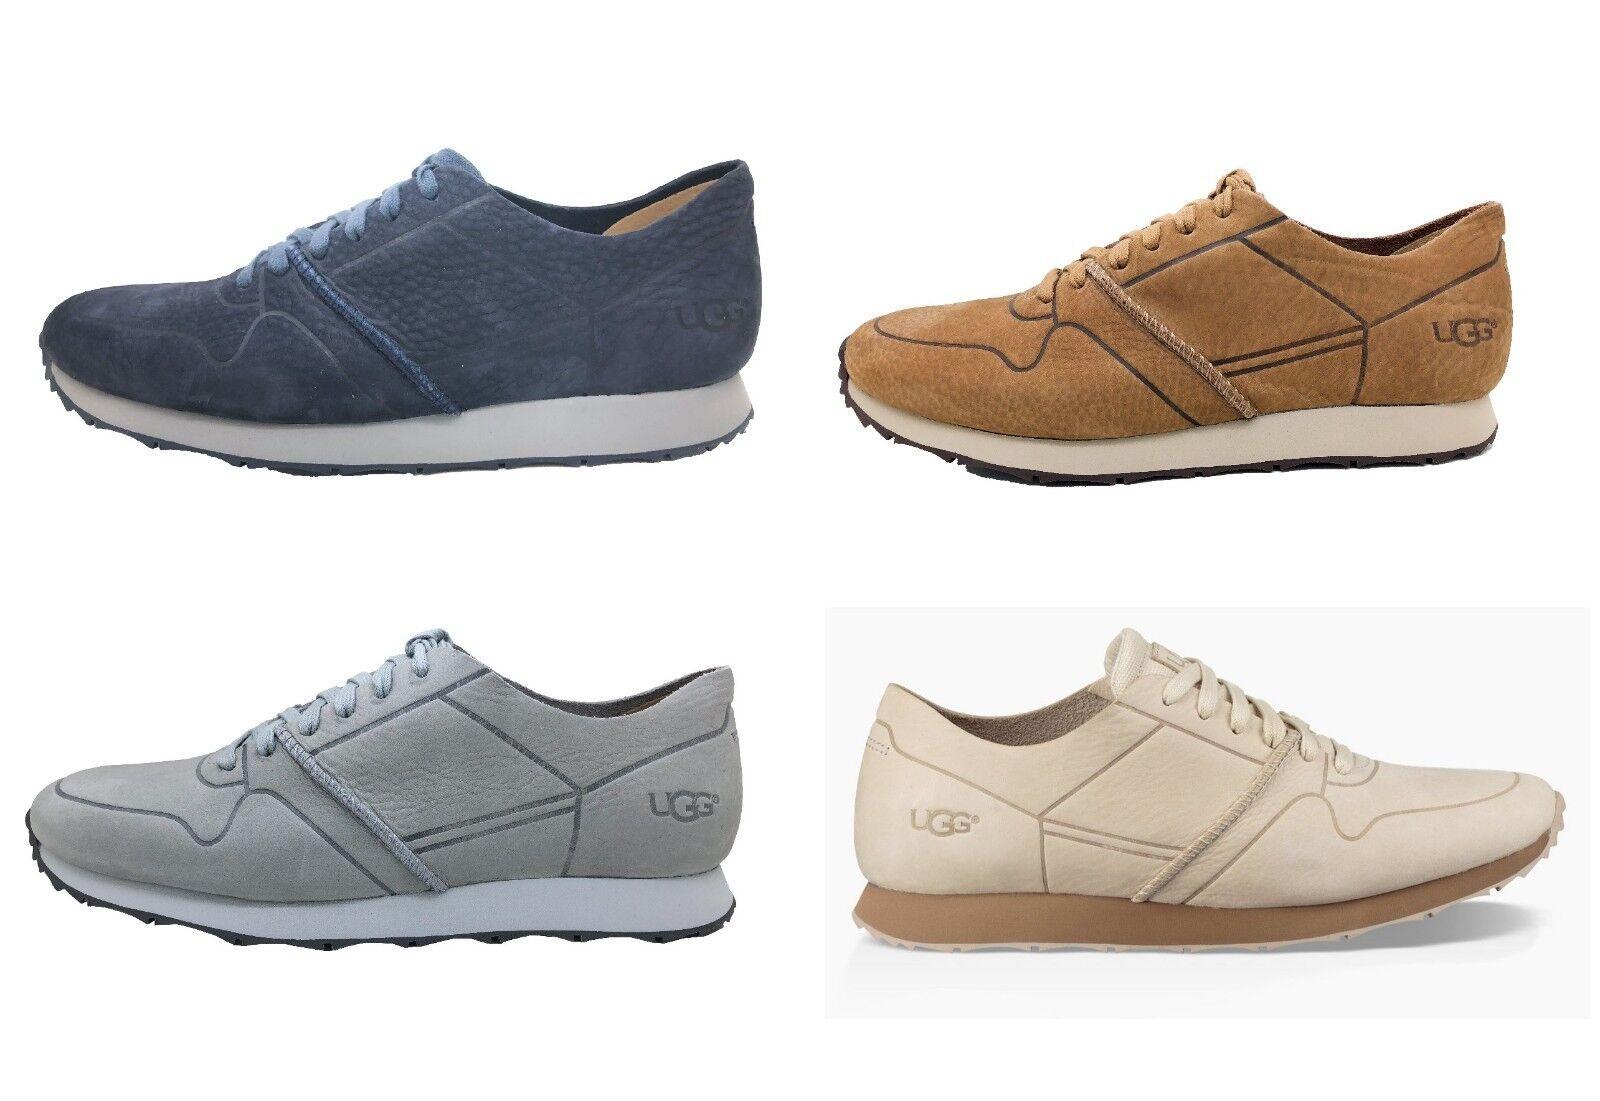 NEW UGG Trigo Chaussures de sport pour hommes, chaussures de sport non doublées gaufrées